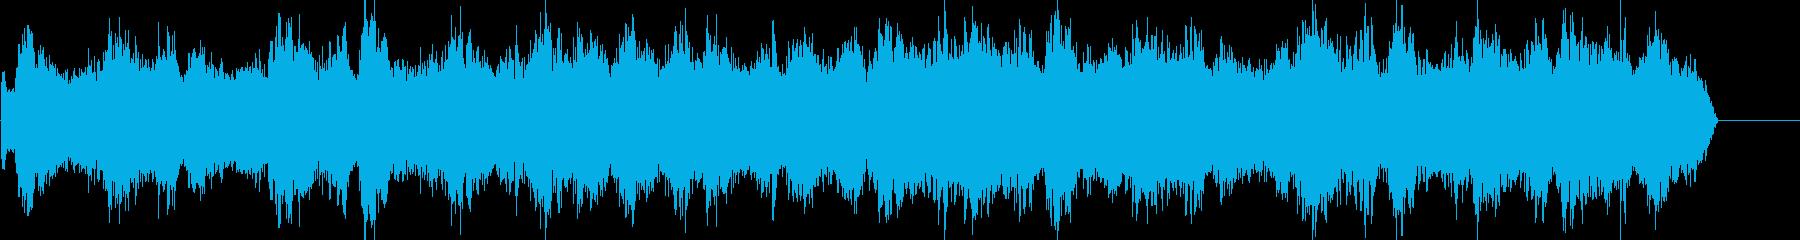 ゆったりとしたヒーリング系ミュージックの再生済みの波形